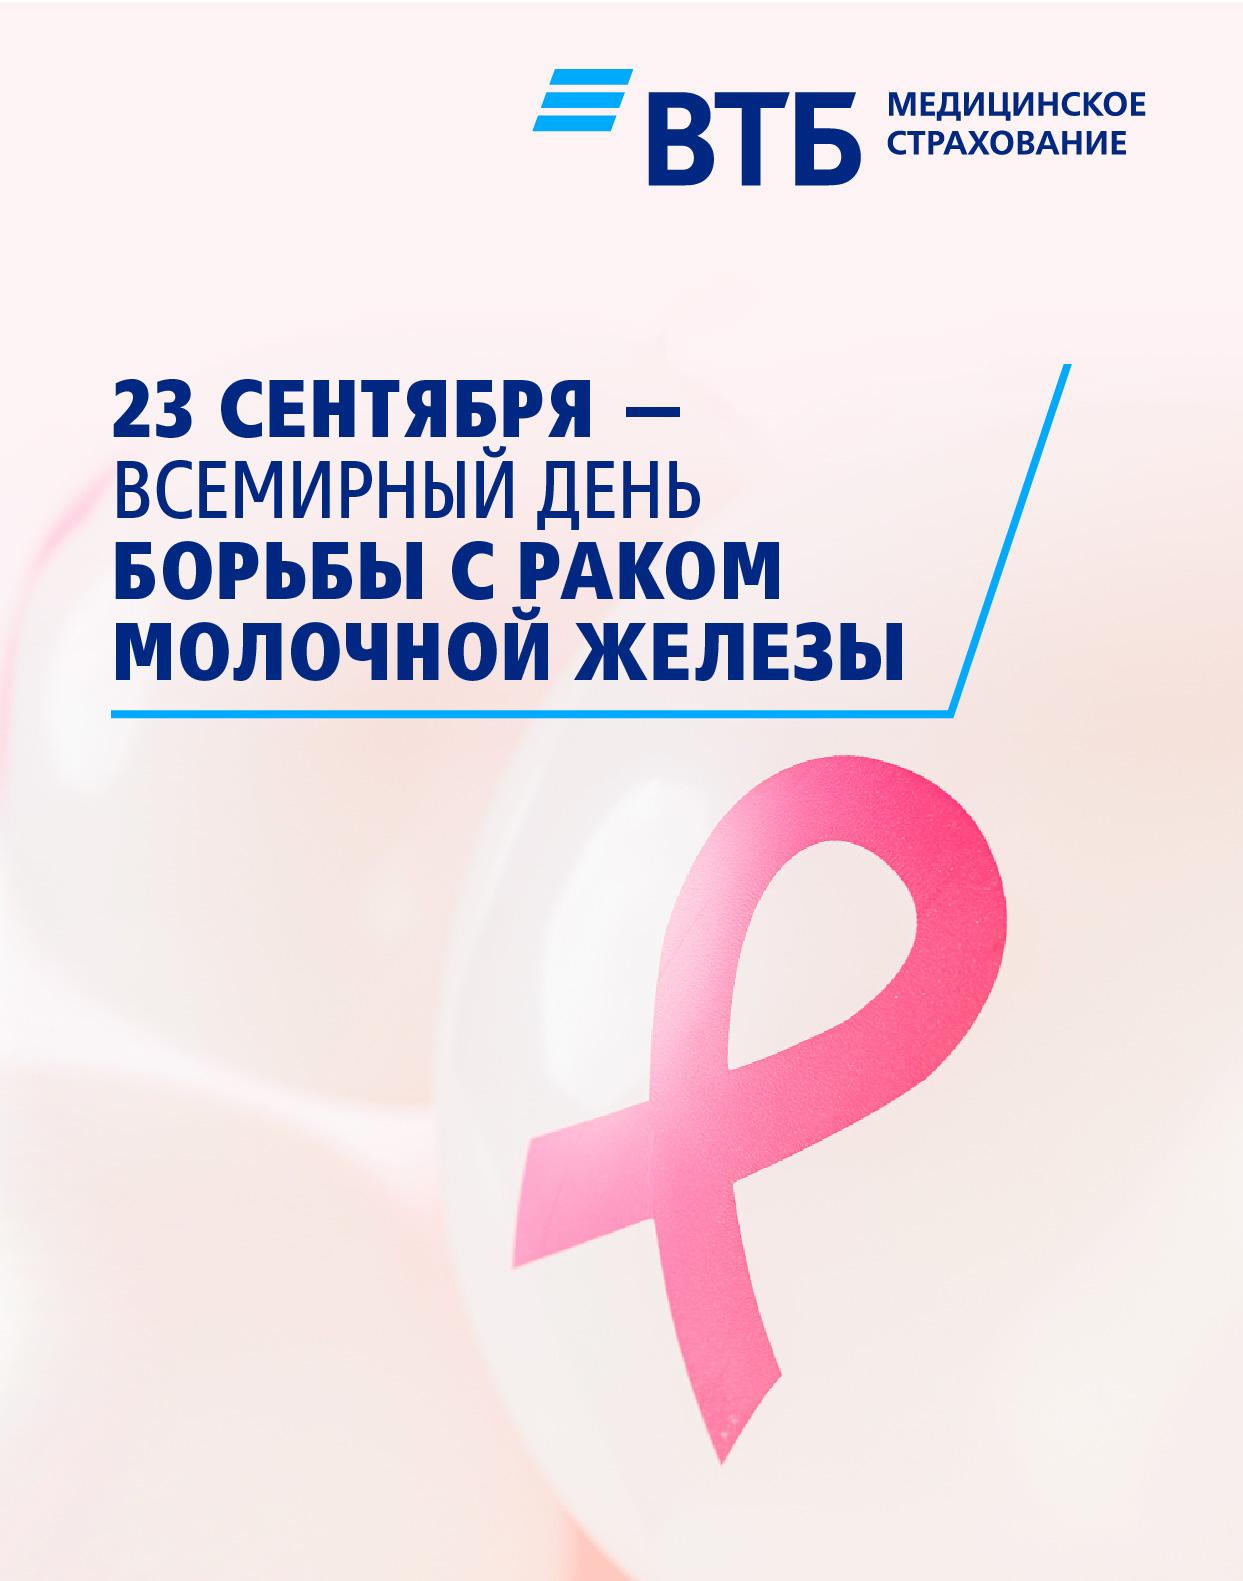 23 сентября – всемирный день по борьбе с раком молочной железы